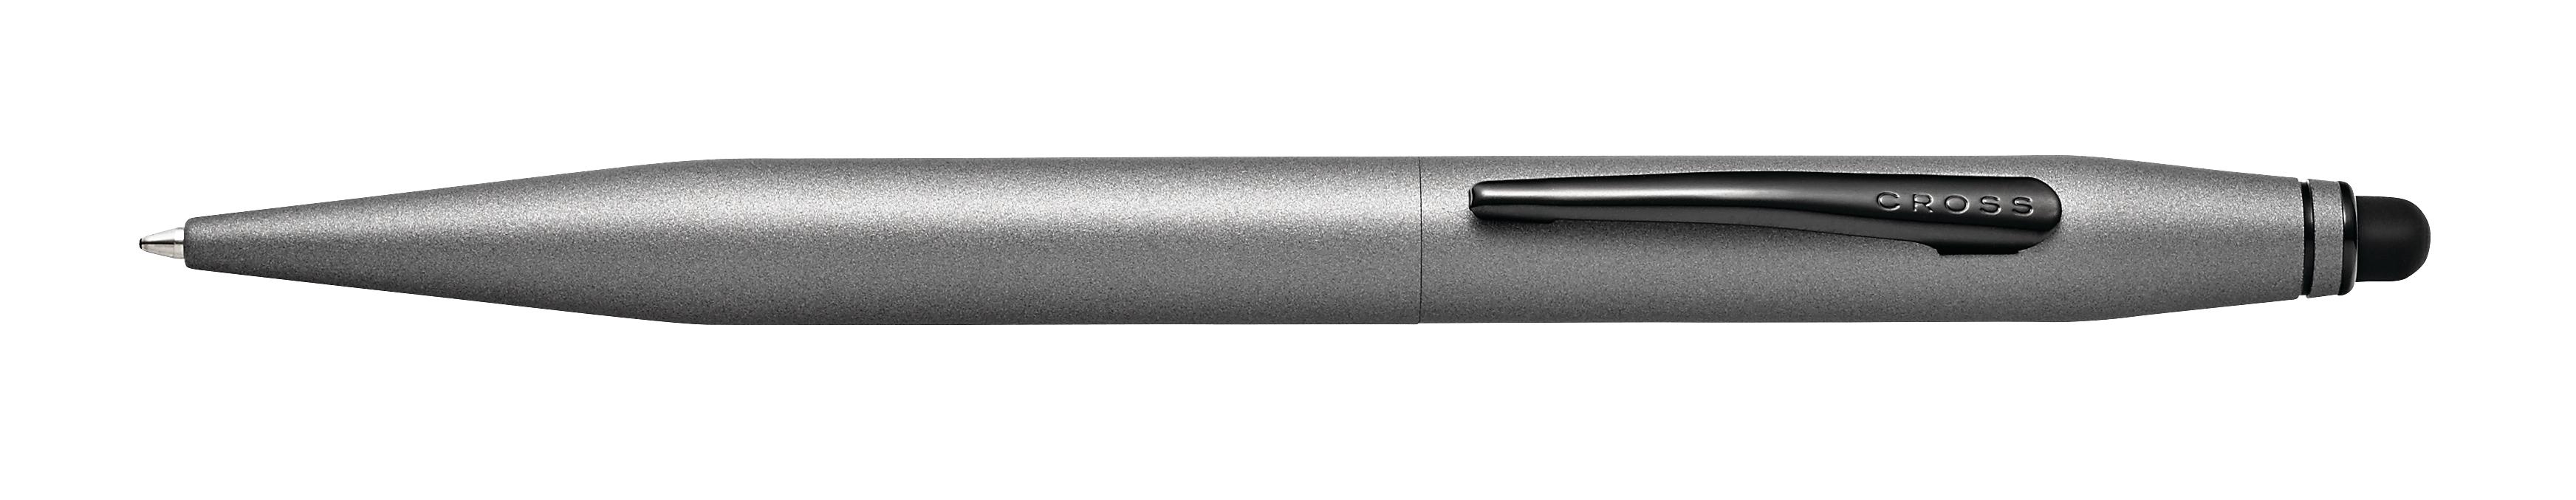 Tech 2 Titanium Gray Ballpoint Pen with Stylus